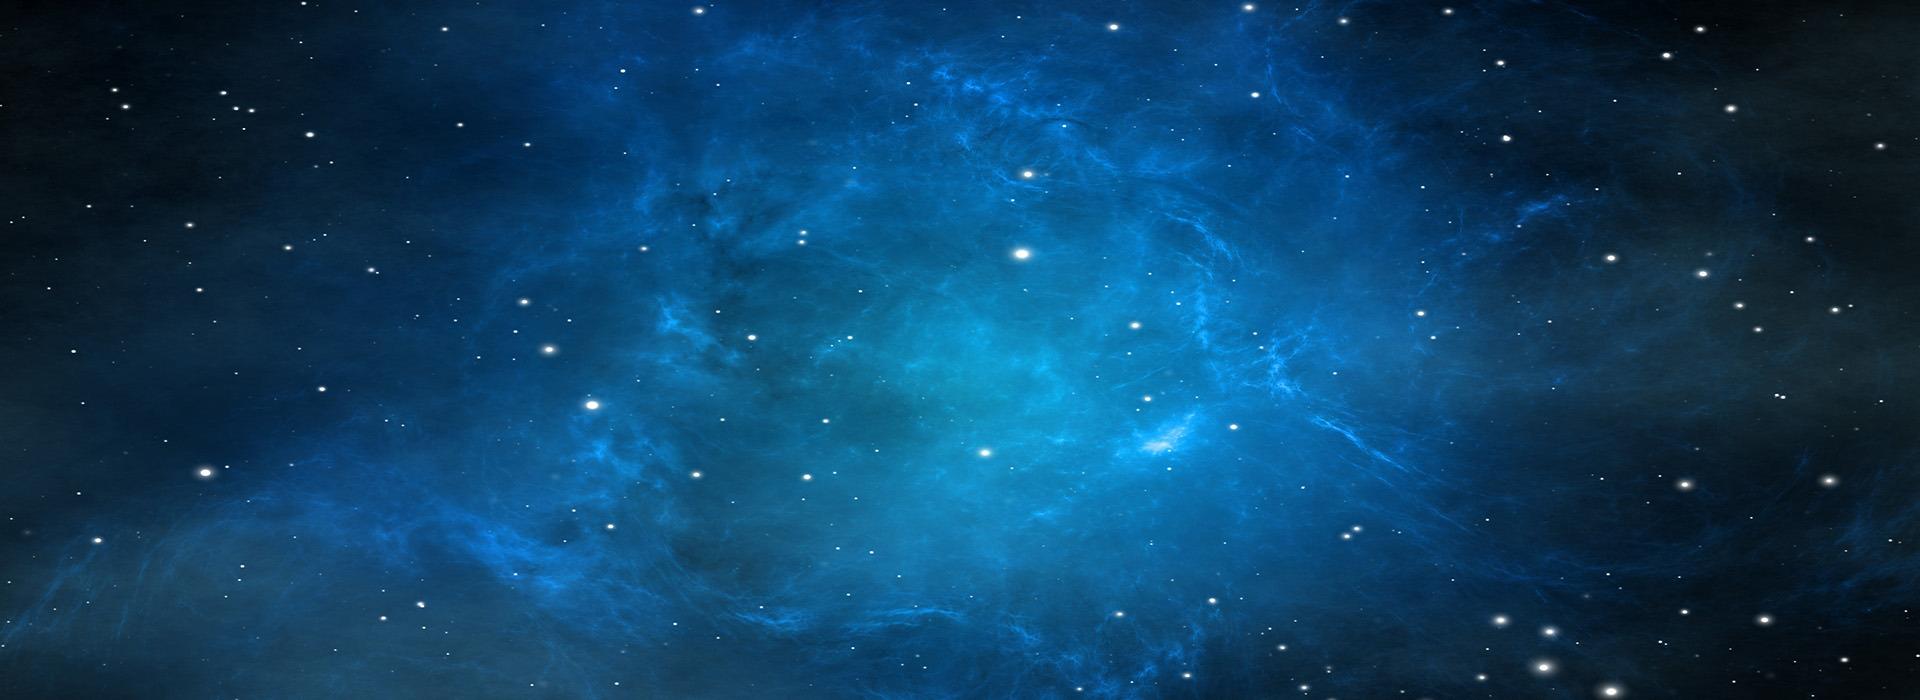 Sao hôm nền bầu trời đầy sao Thiên Thể Trên Bầu Trời Thiên Văn Học,